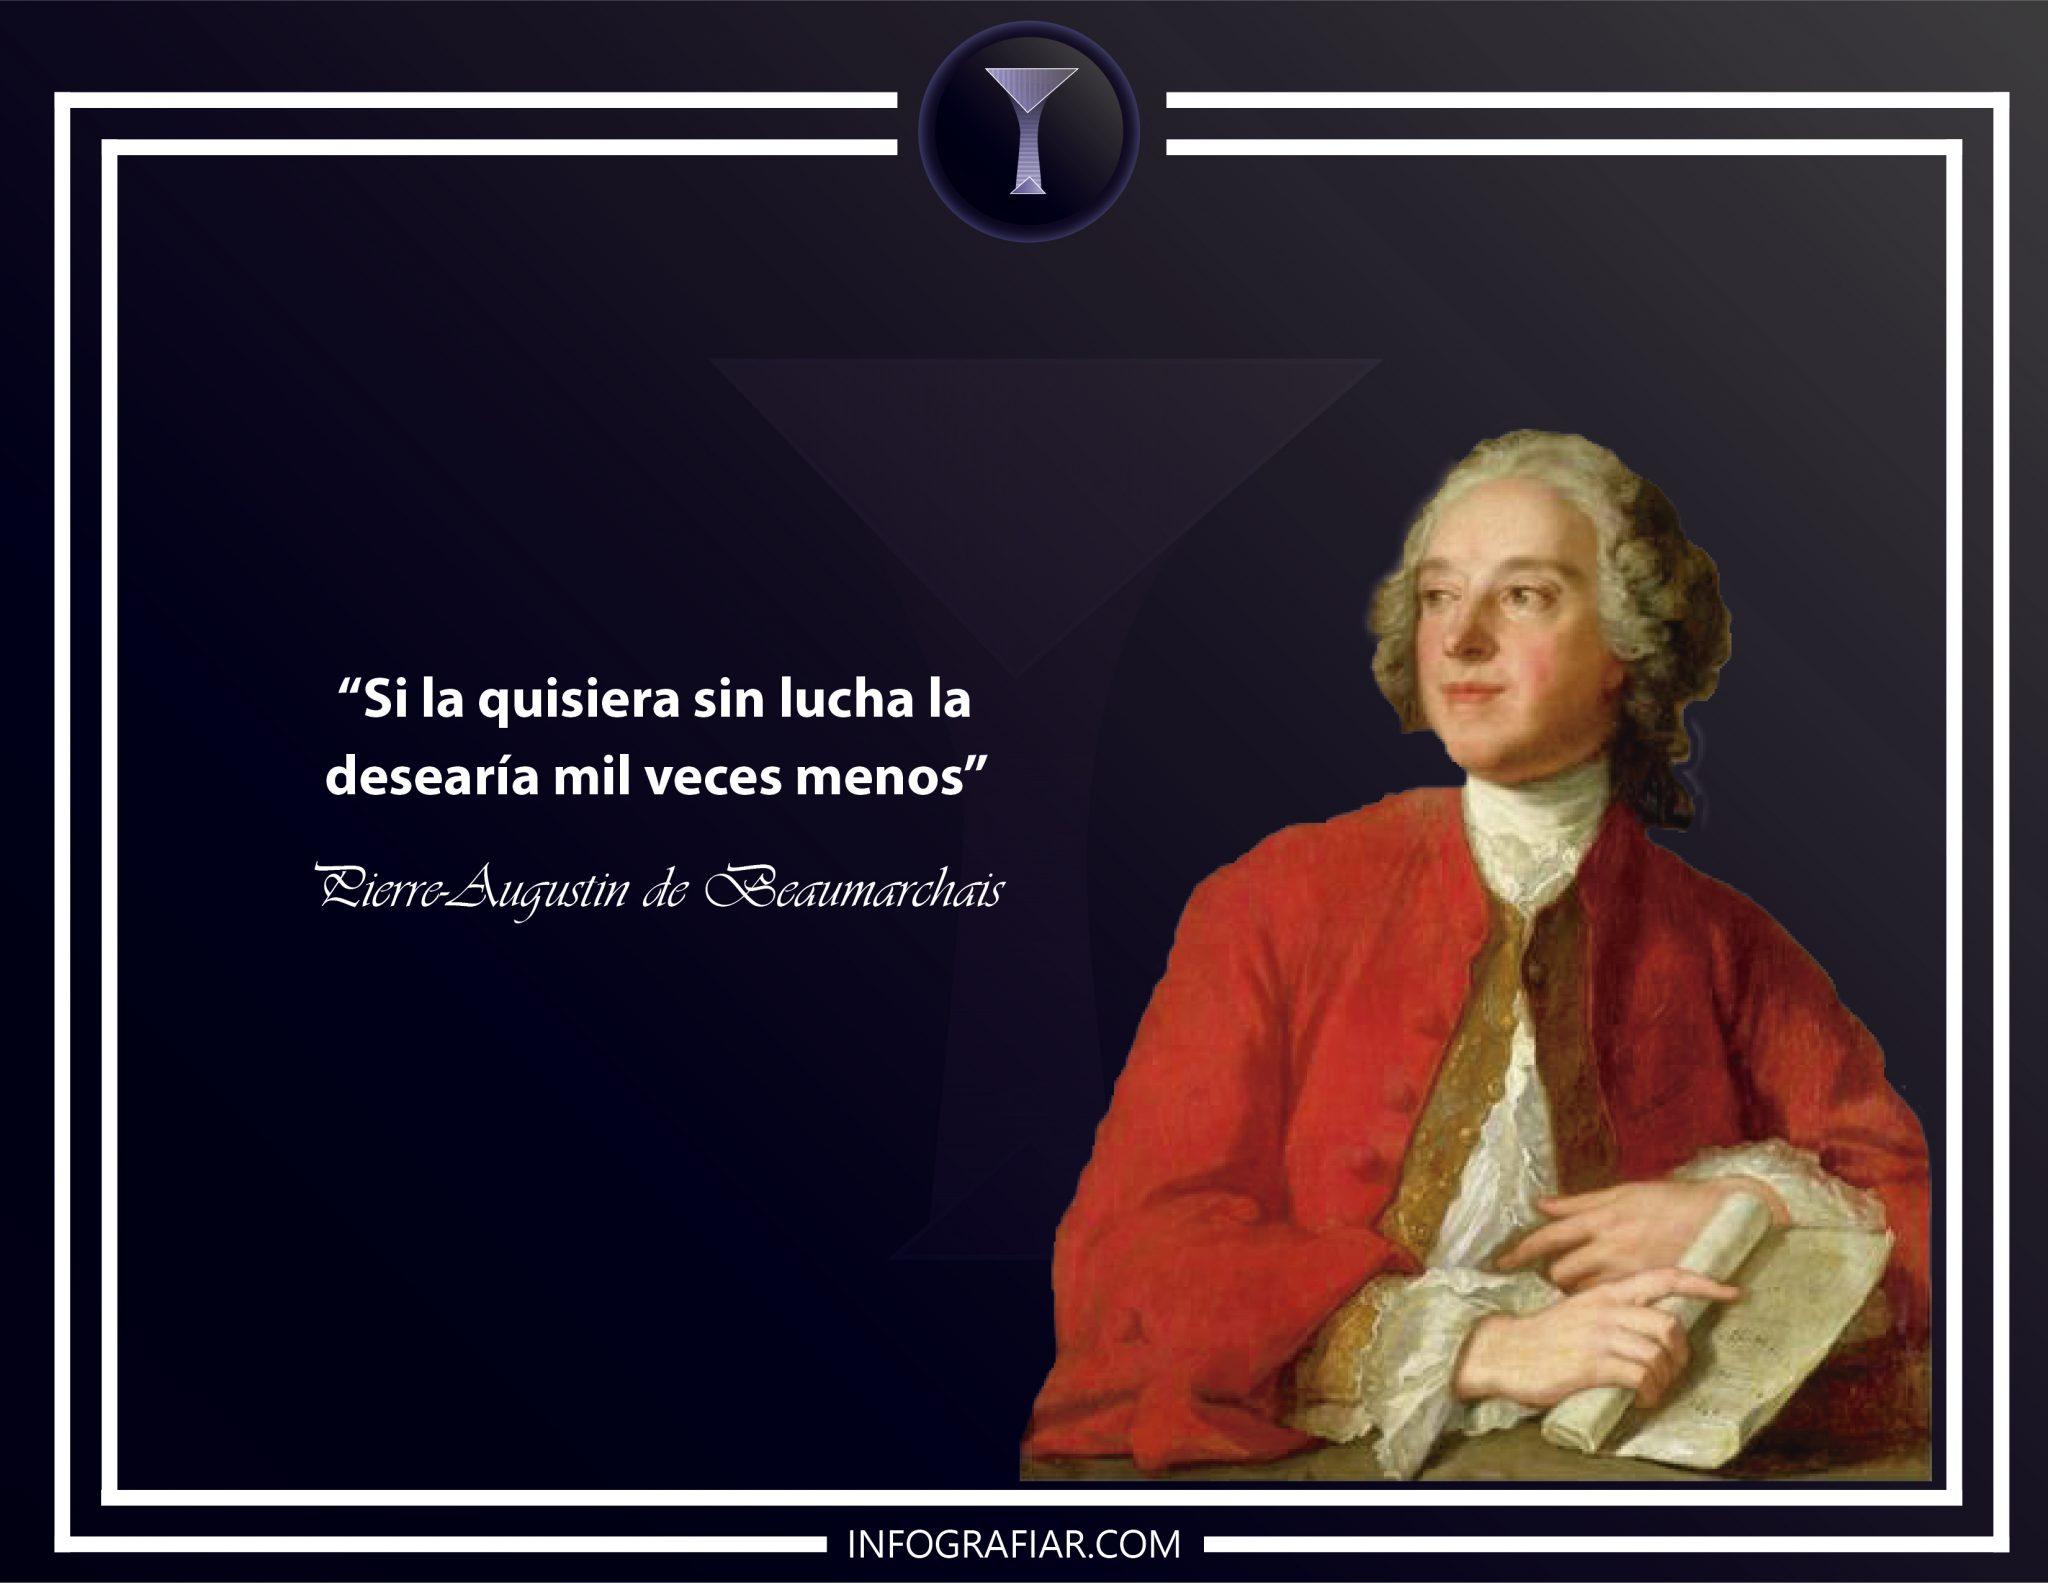 Pierre Augustin de Beaumarchais 2-08